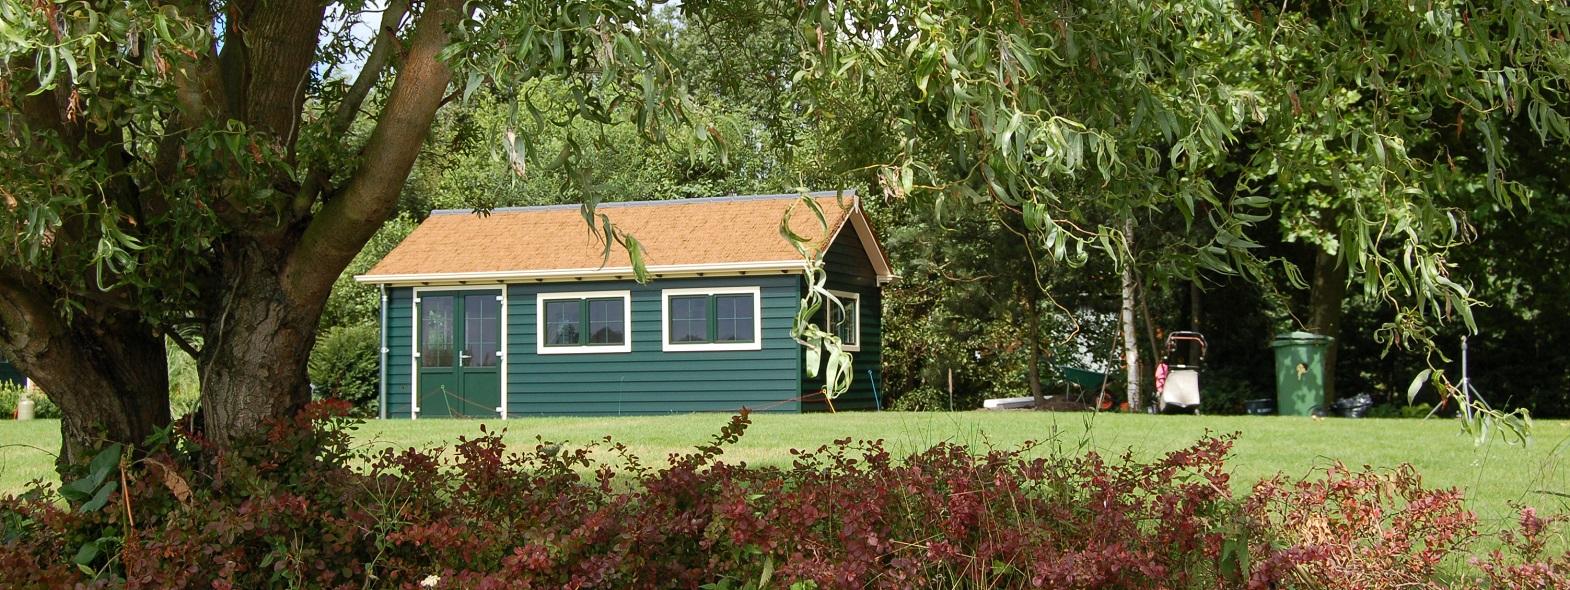 Ein Kunststoffgartenhaus besteht aus robusten und wartungsarmen Baumaterialien.